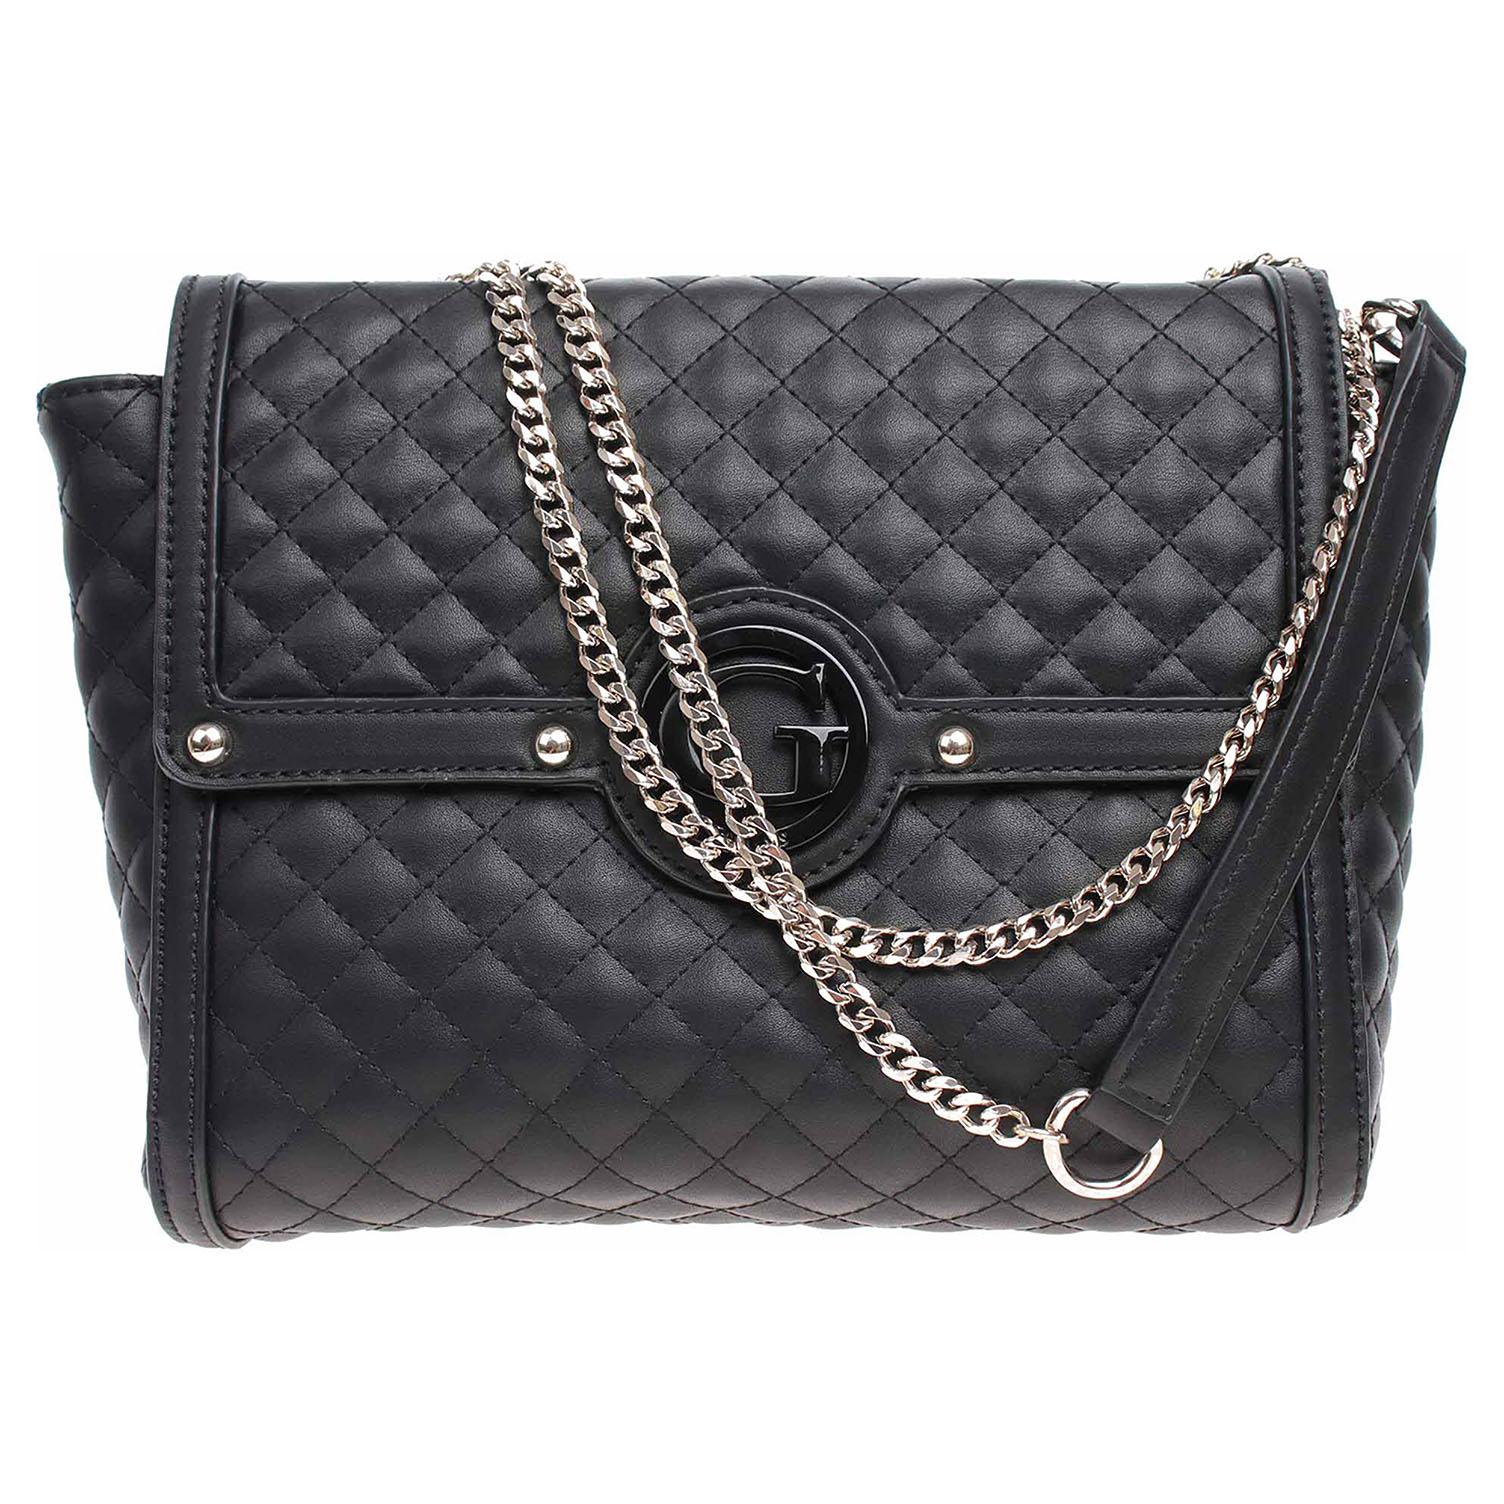 Guess dámská kabelka QE813421 black QE813421 1